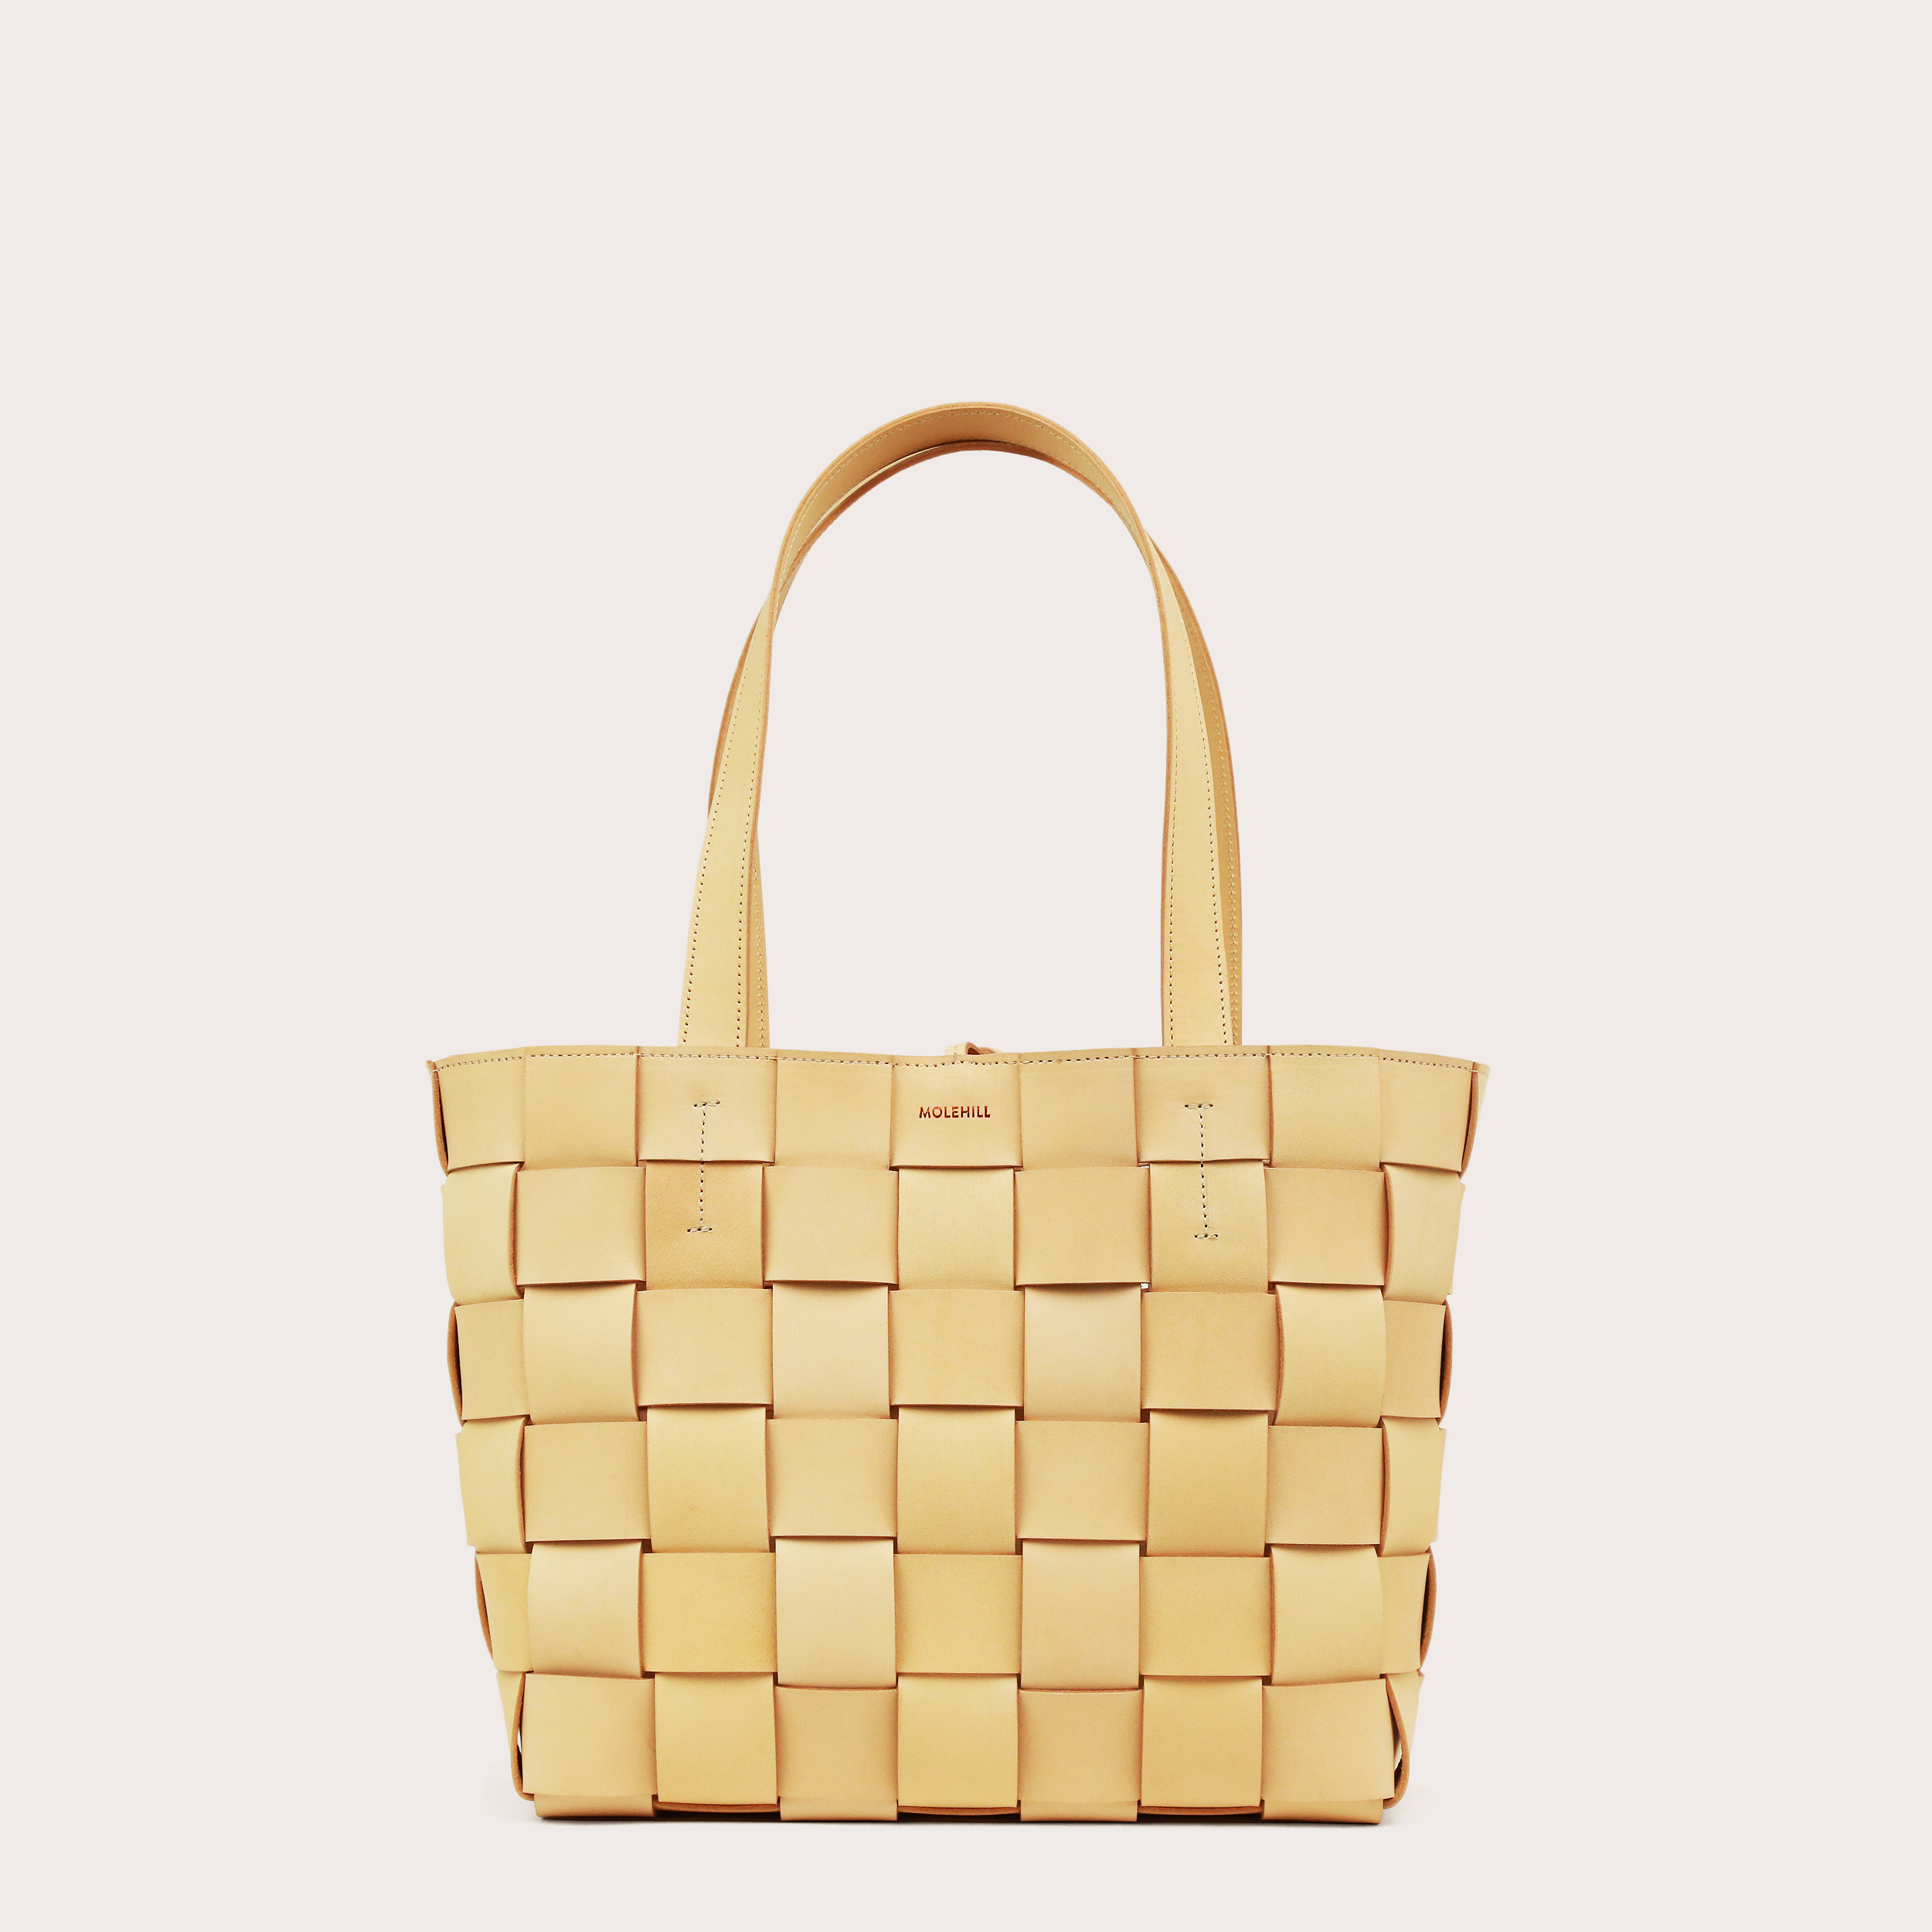 PANE Tote Woven Bag Natural-1